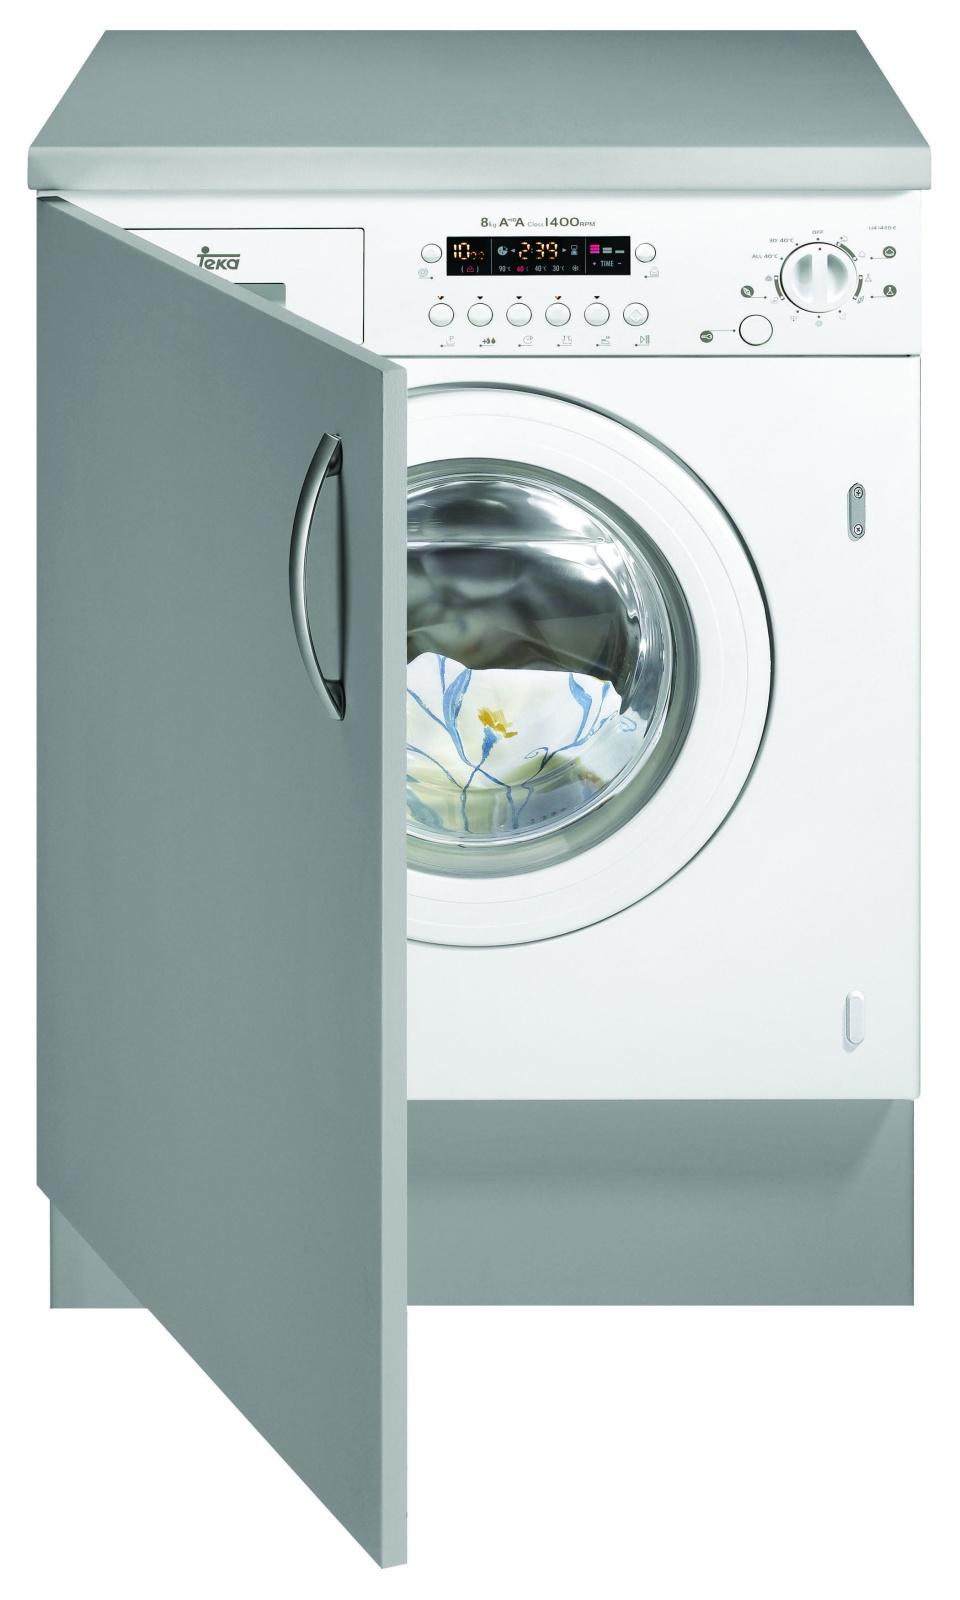 Lavavajillas y lavadoras integrables la invisibilidad de for Mueble para lavadora y lavavajillas